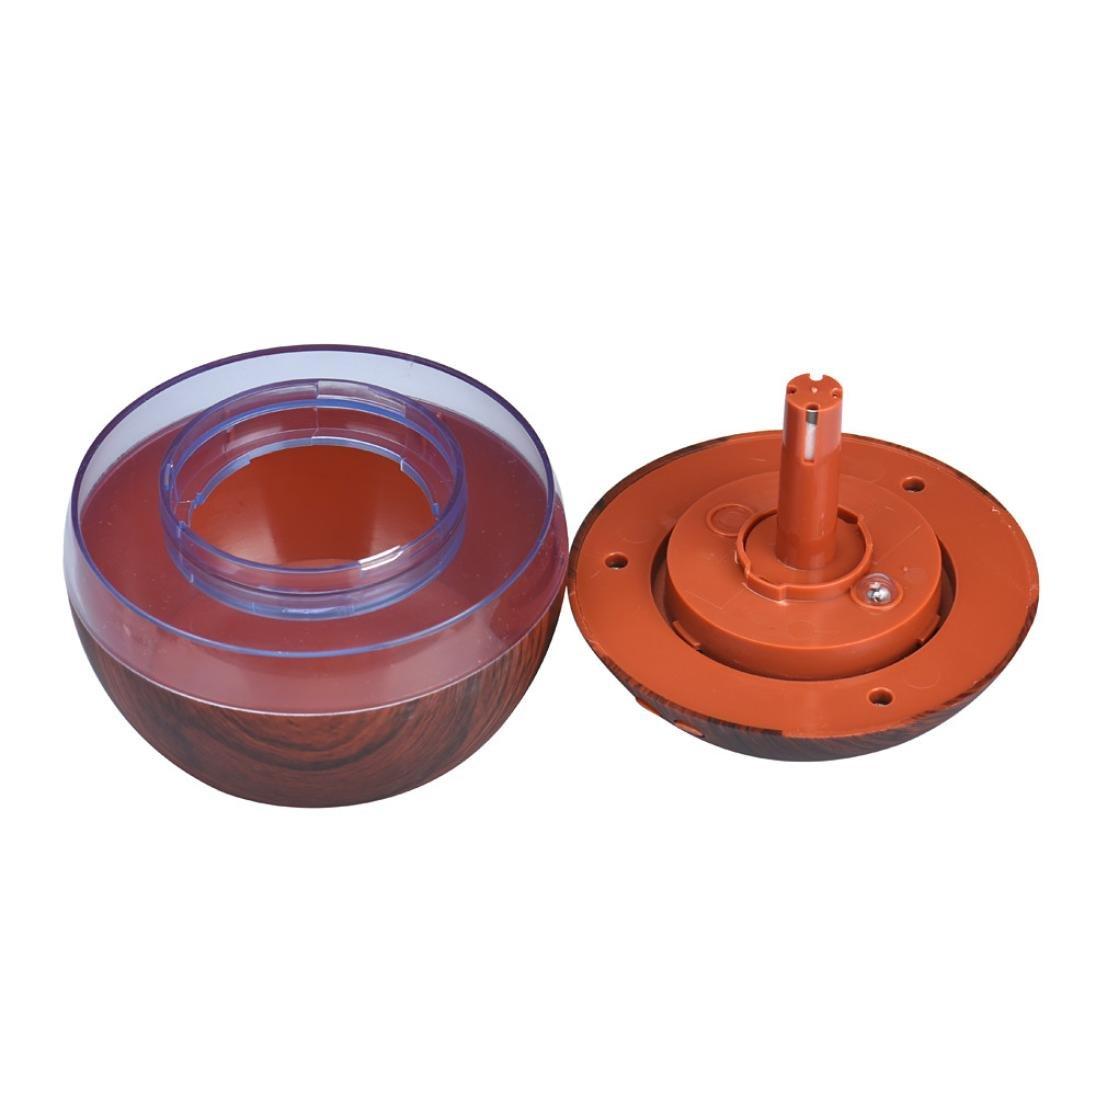 Humidificadores,Longra 300ML USB Air Aroma Difusor de Aceite Esencial LED Ultrasonido Aroma Aromaterapia Humidificador (Caqui)